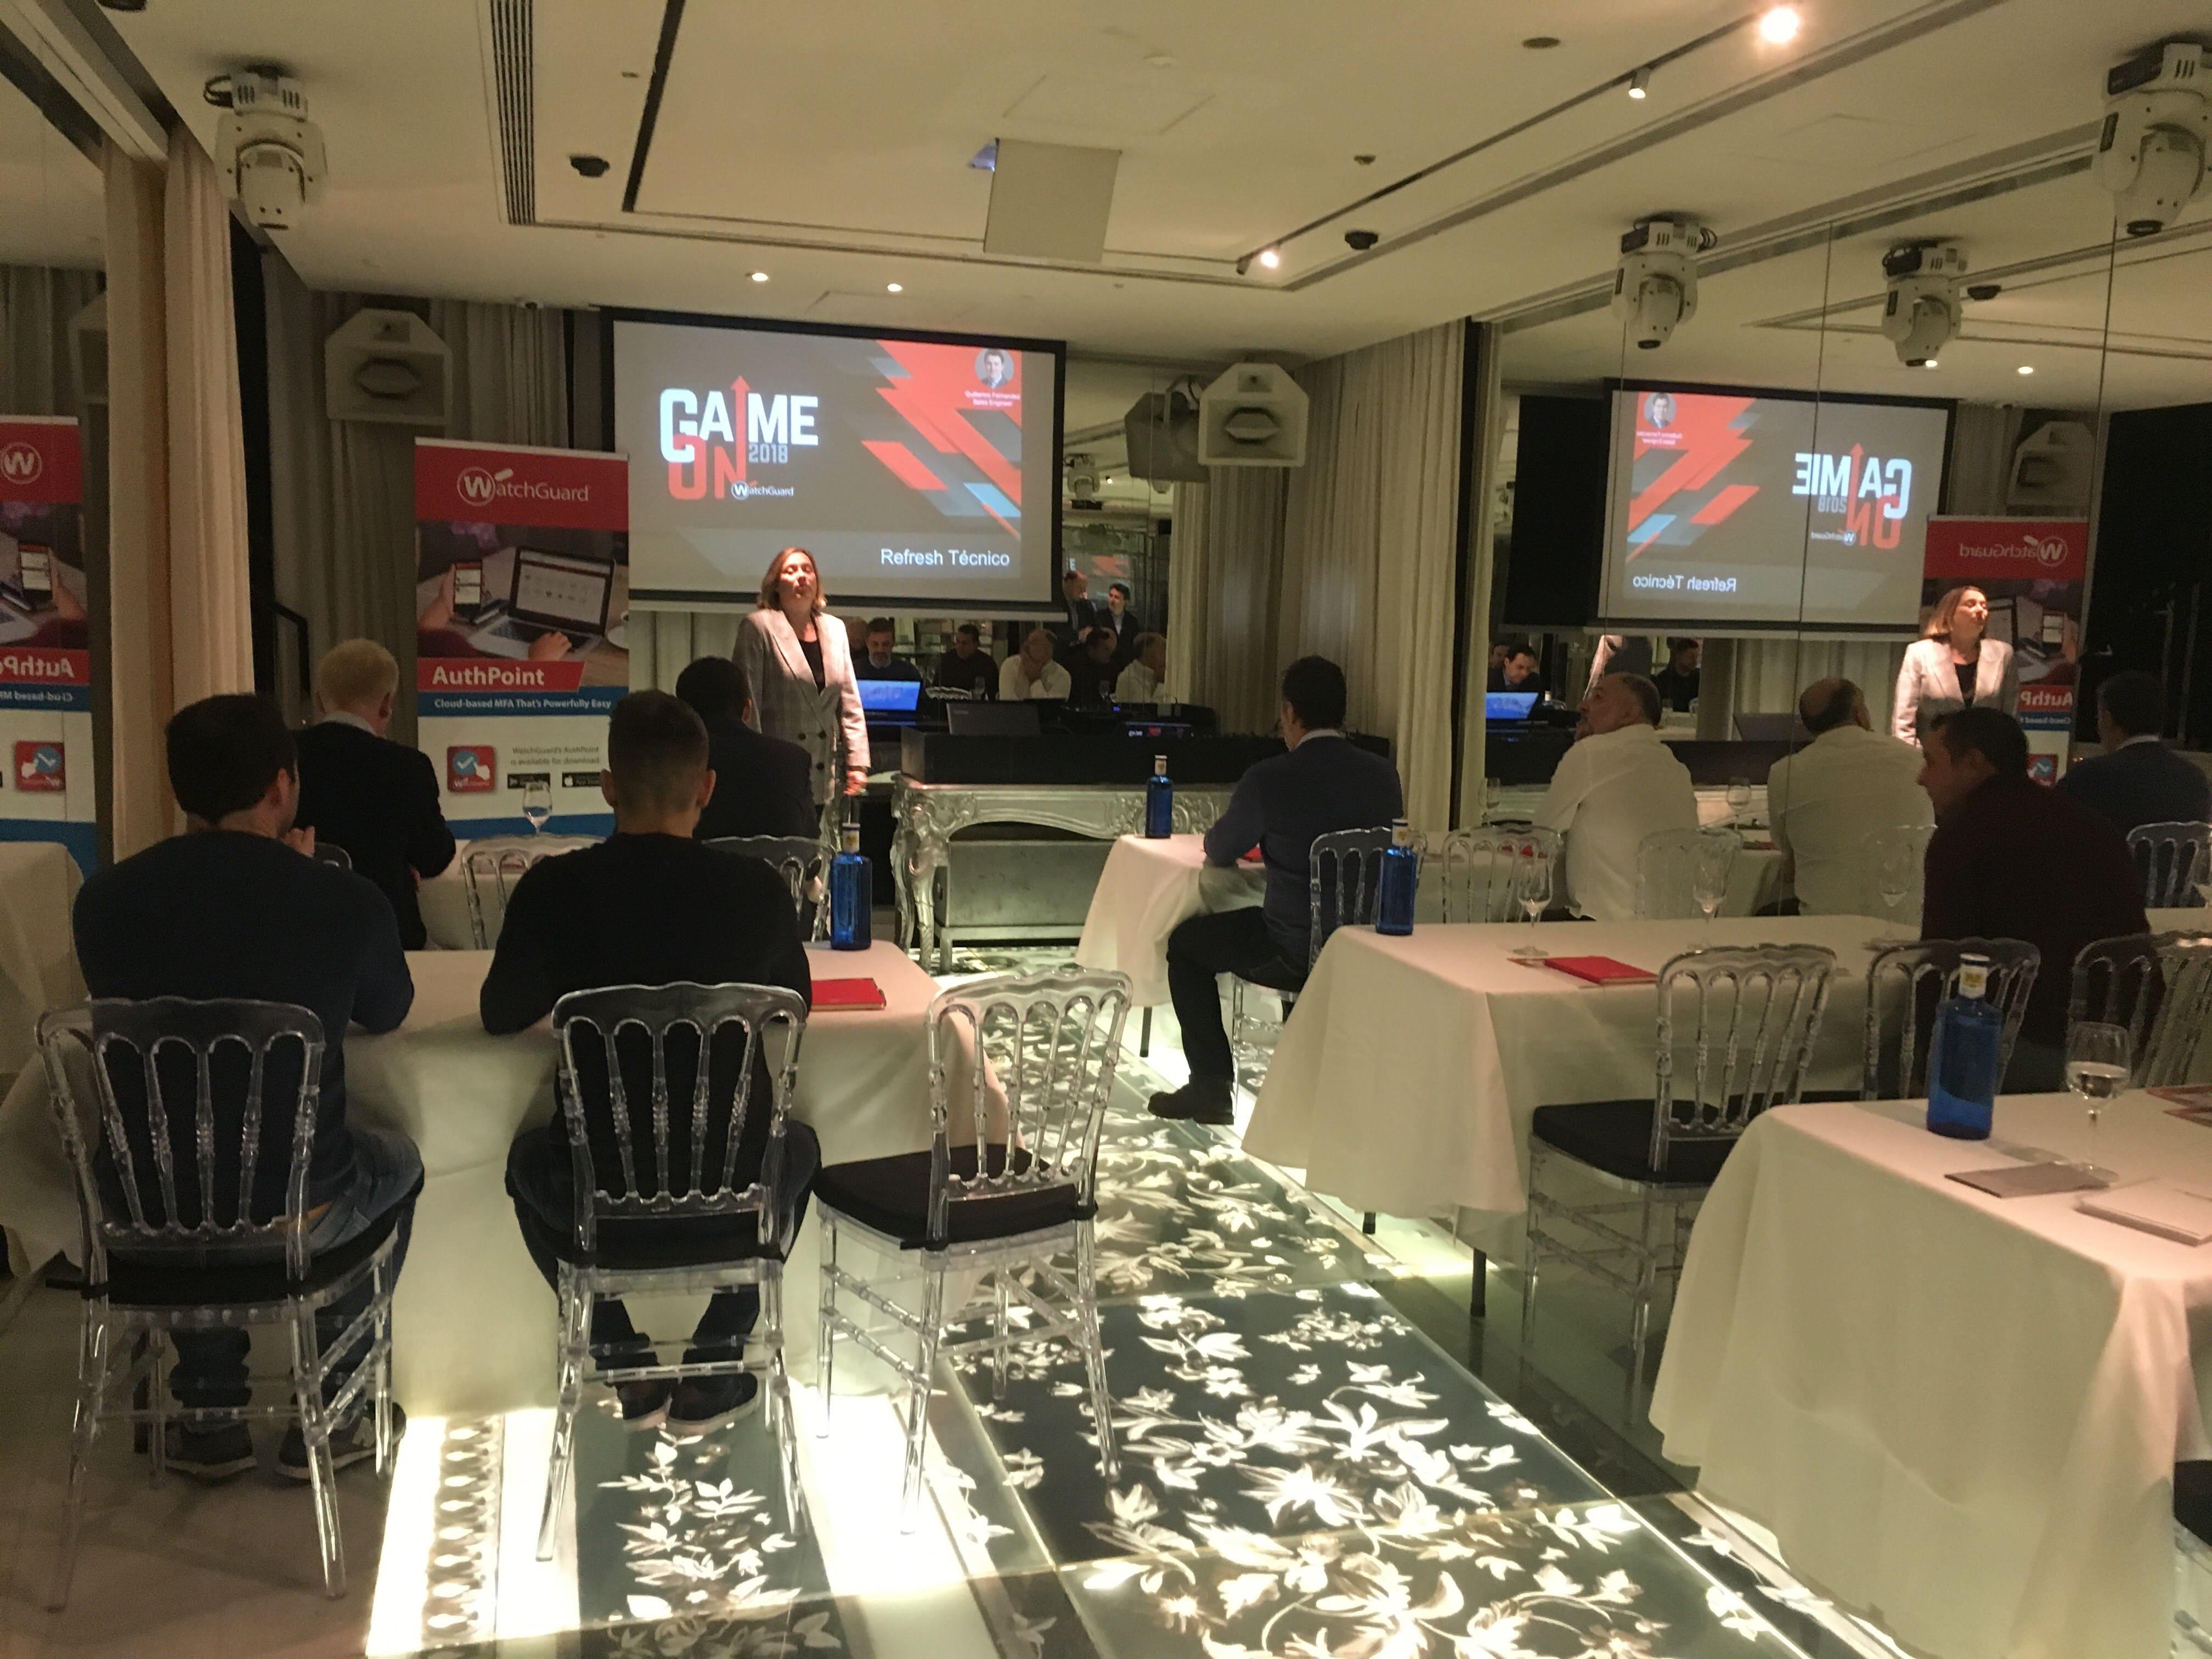 evento altair networks y watchguard en restaurante ramses life de madrid